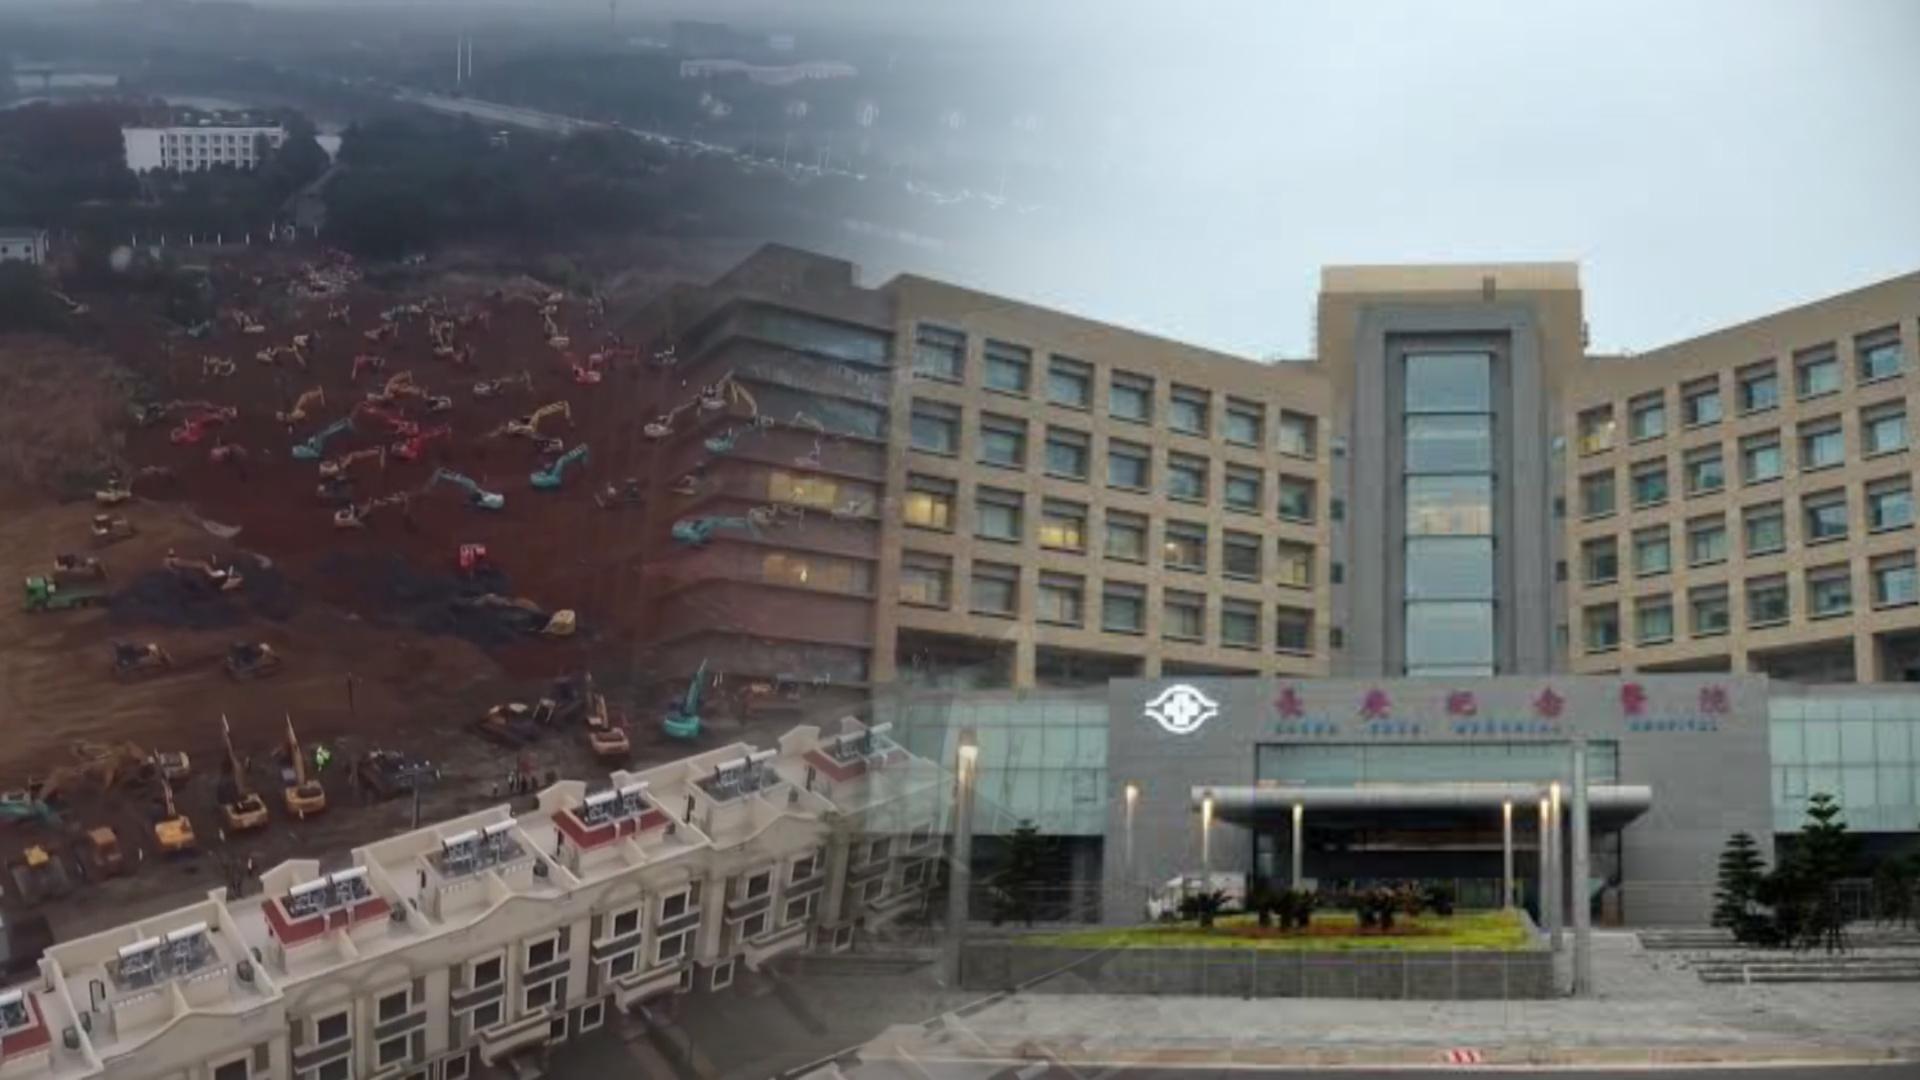 6 நாட்களில் பிரம்மாண்ட மருத்துவமனை கட்டும் சீனா| How China will build a hospital in 6 days ?